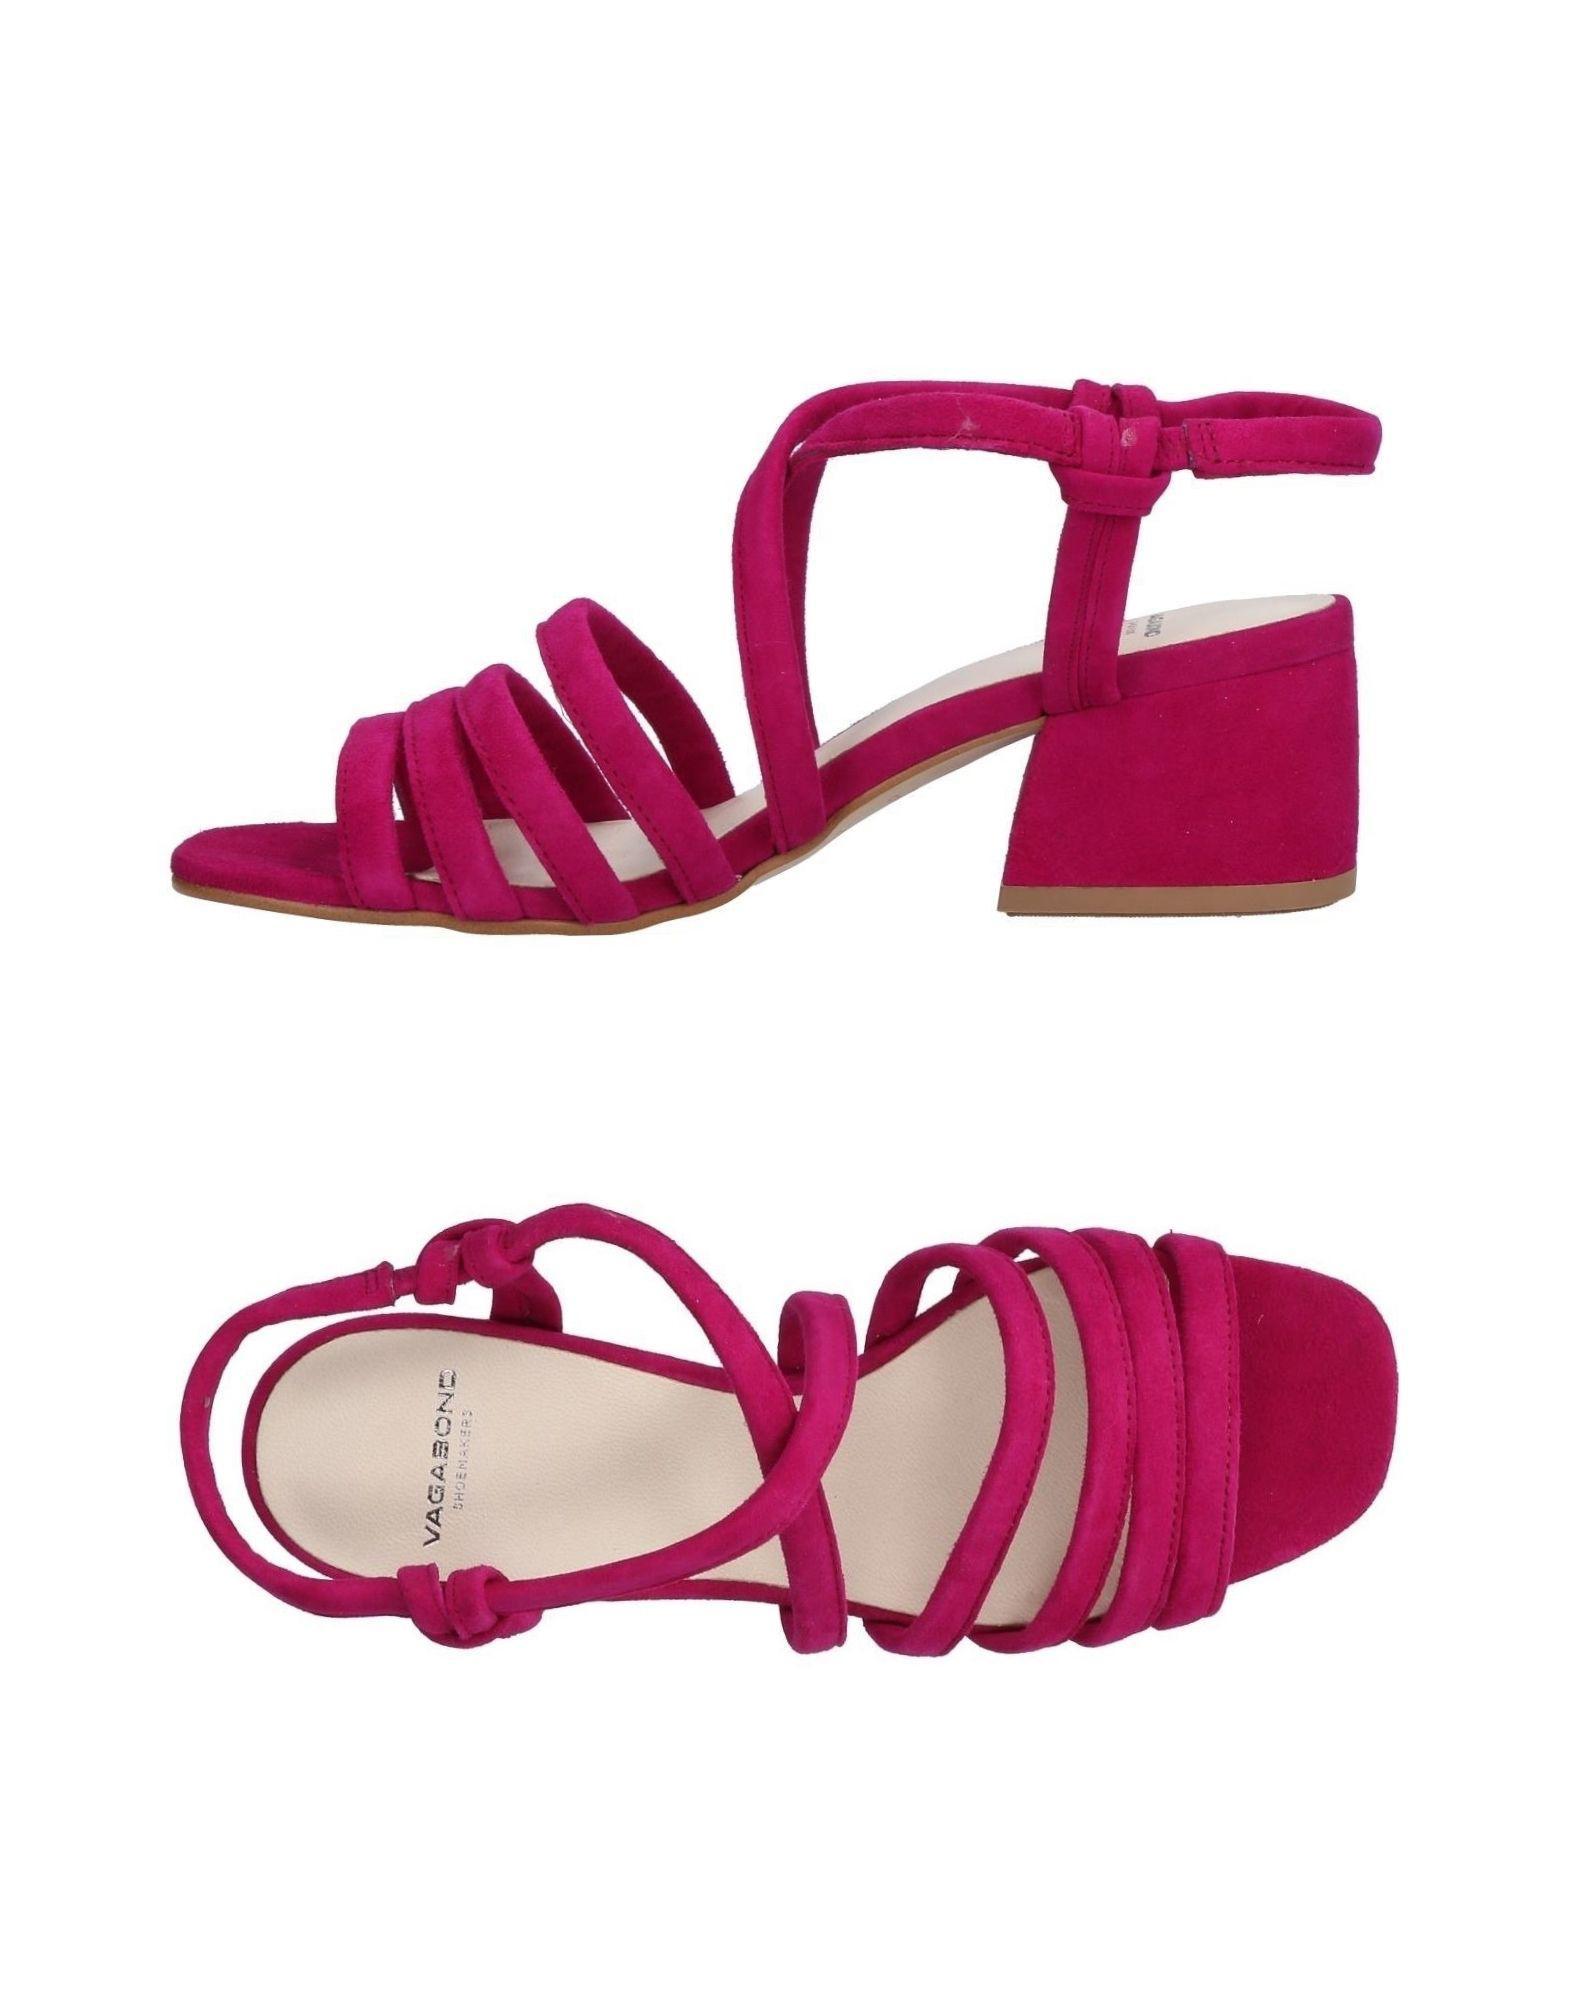 892ccd8404 Lyst - Vagabond Sandals in Purple